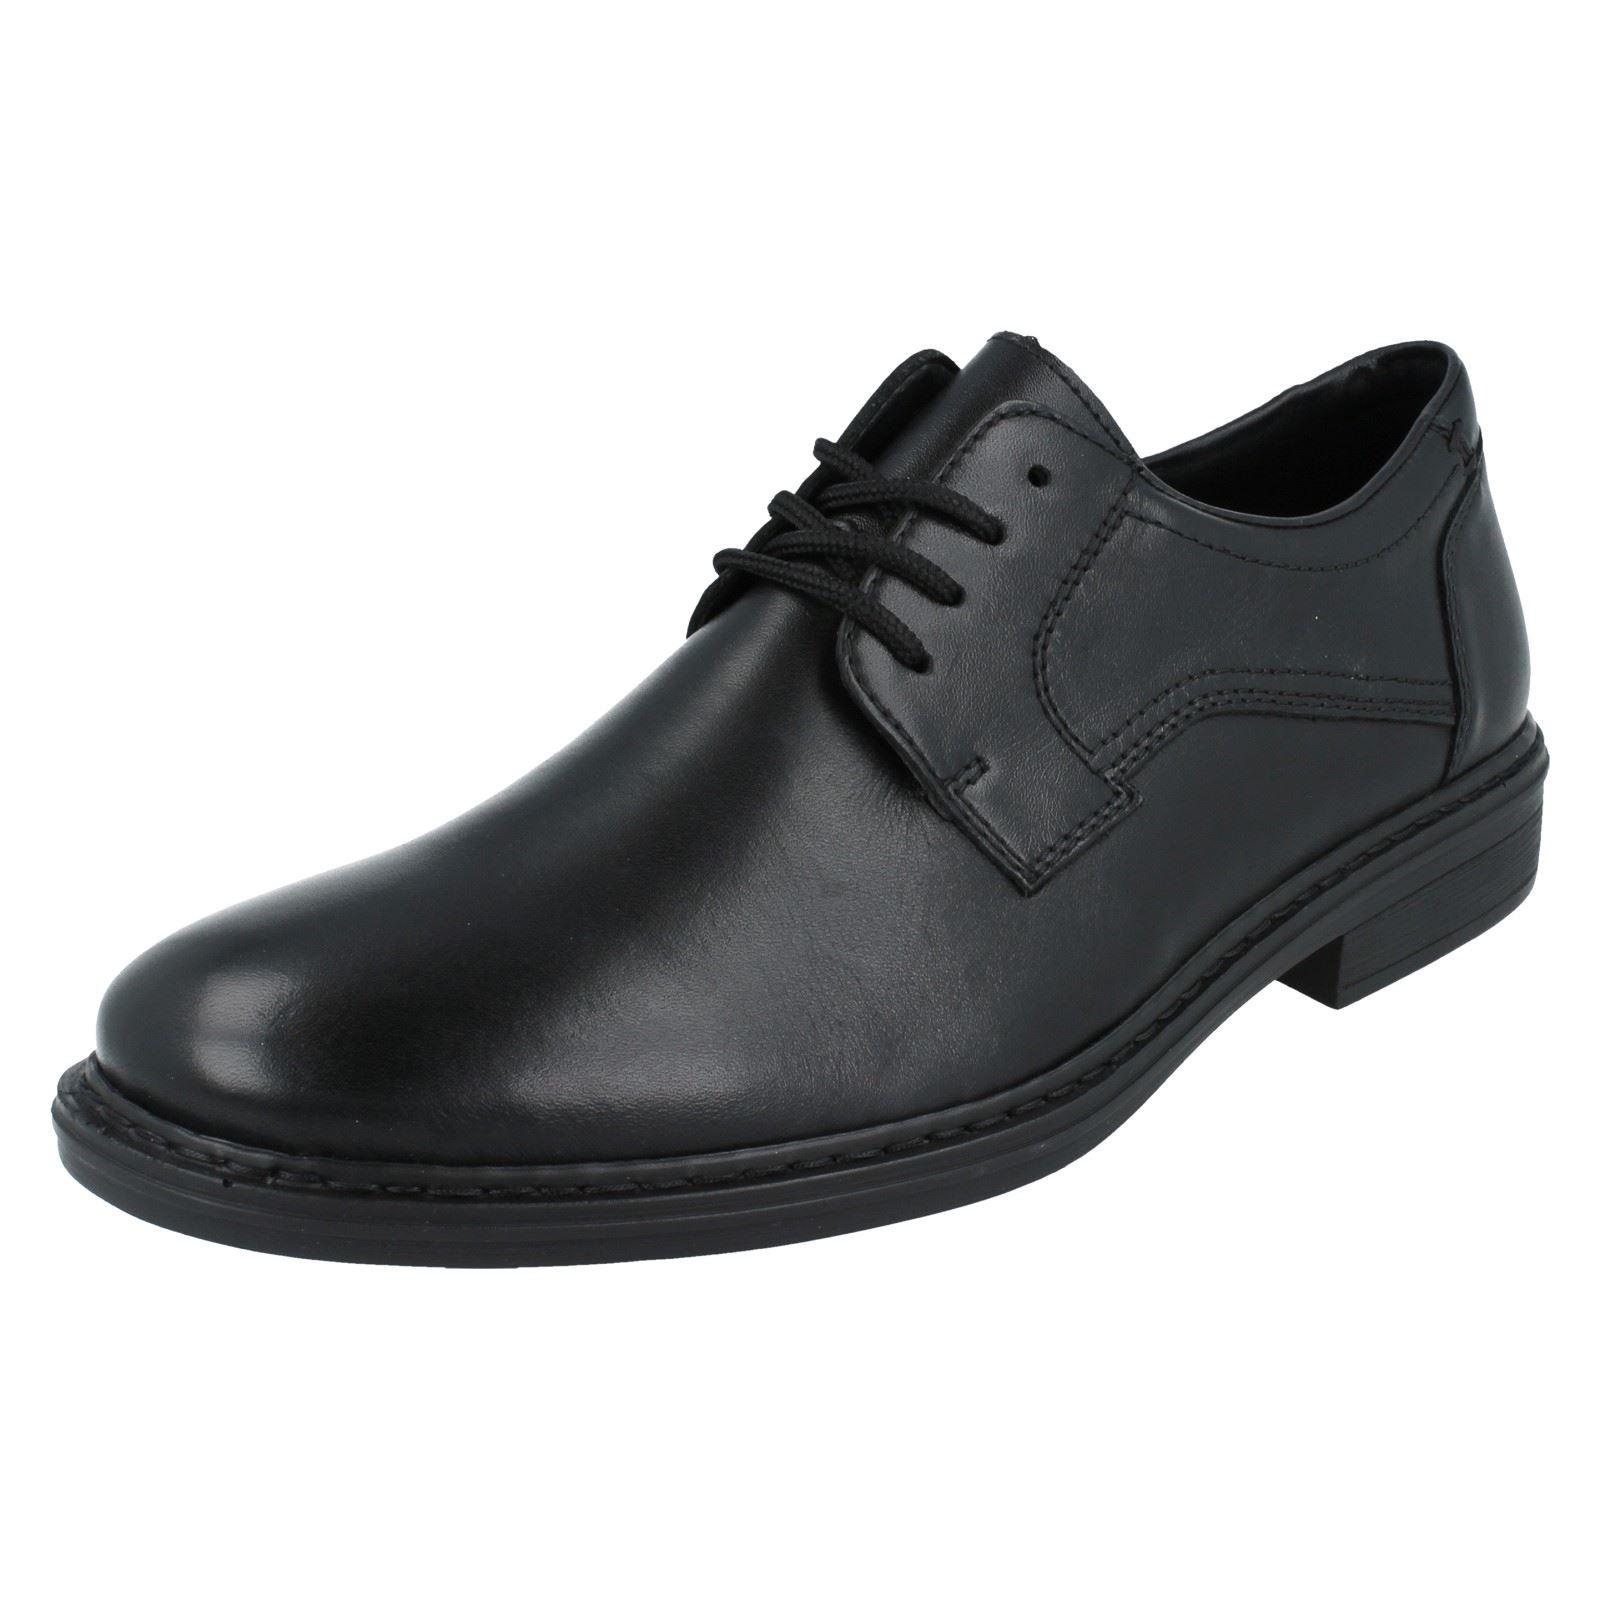 Herren Rieker Schuhe 17627' | eBay NEW6f